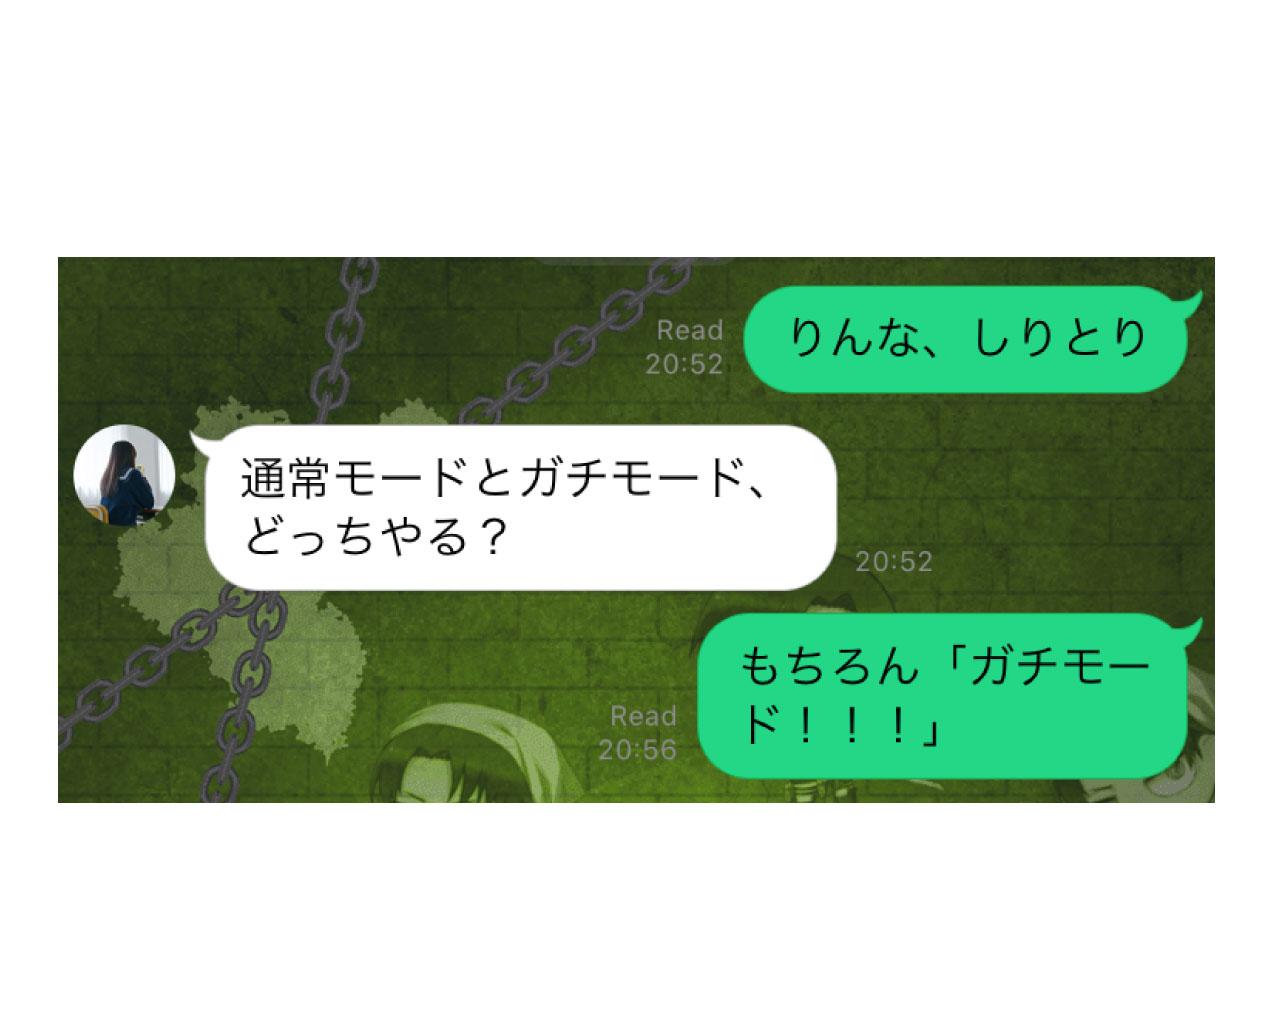 ms-rinna-shiritori-japanese-word-chain-game-3